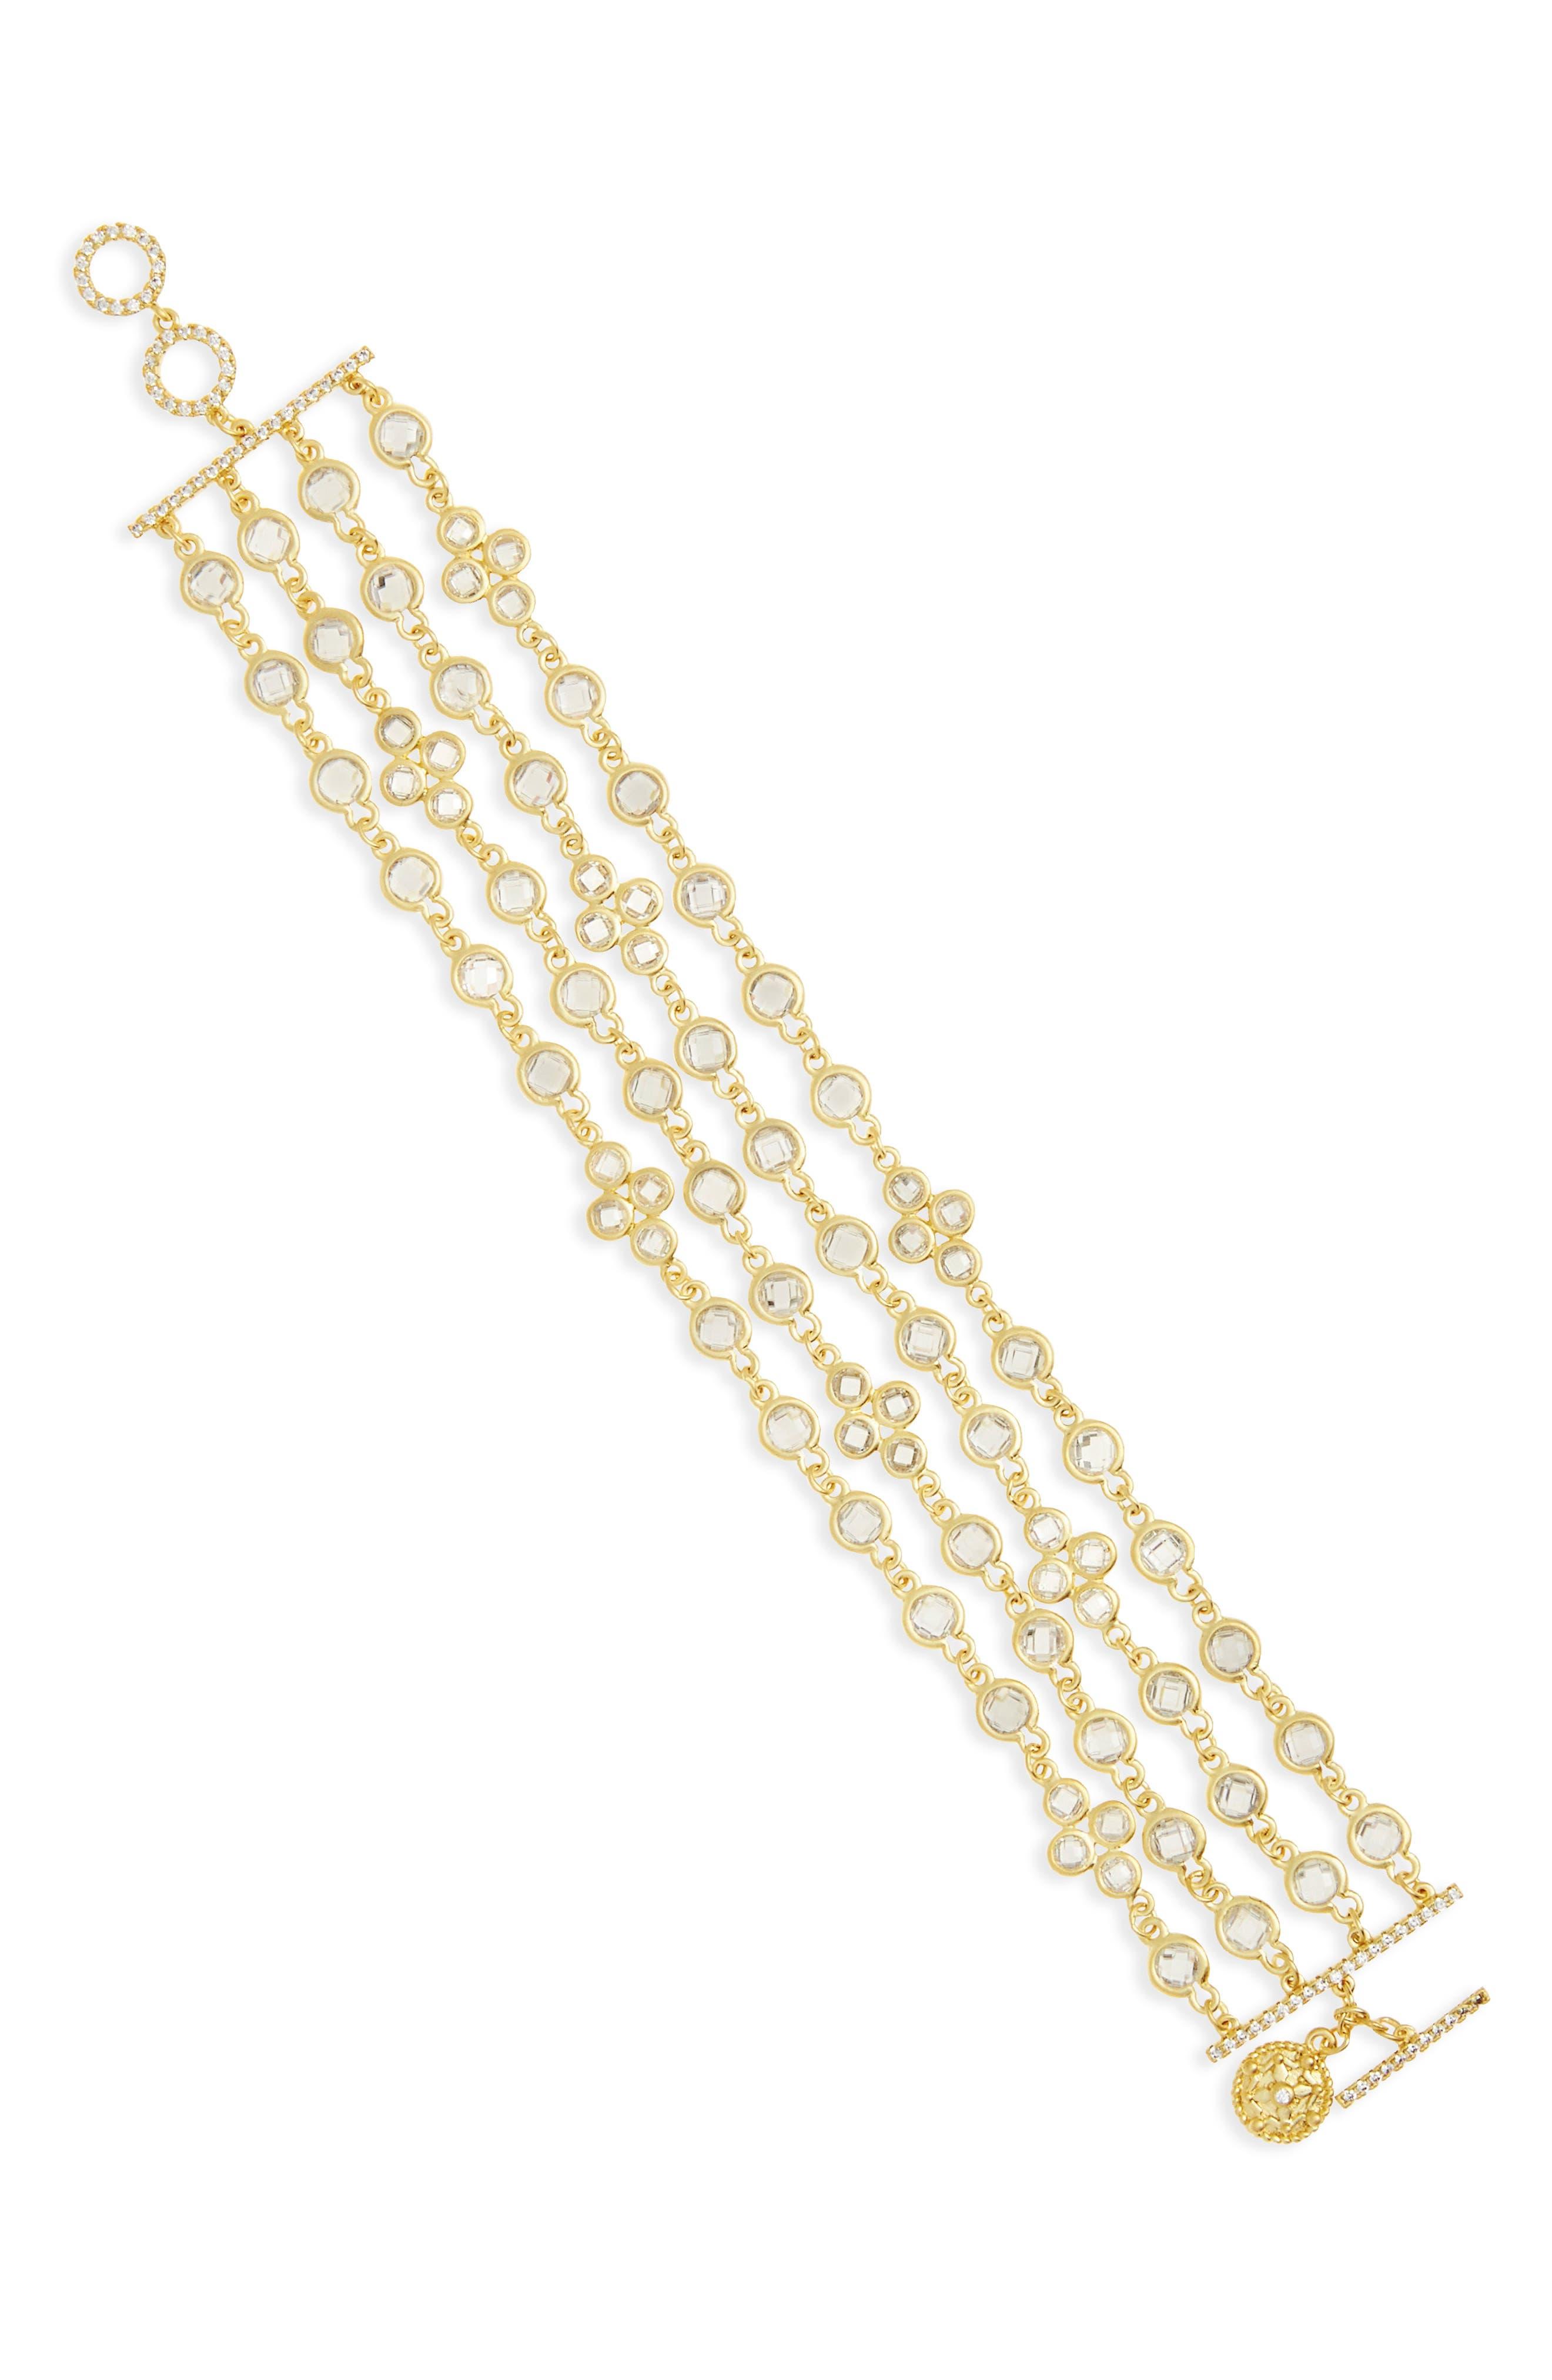 Audrey Radiance Four-Chain Bracelet,                         Main,                         color, Gold/ Clear